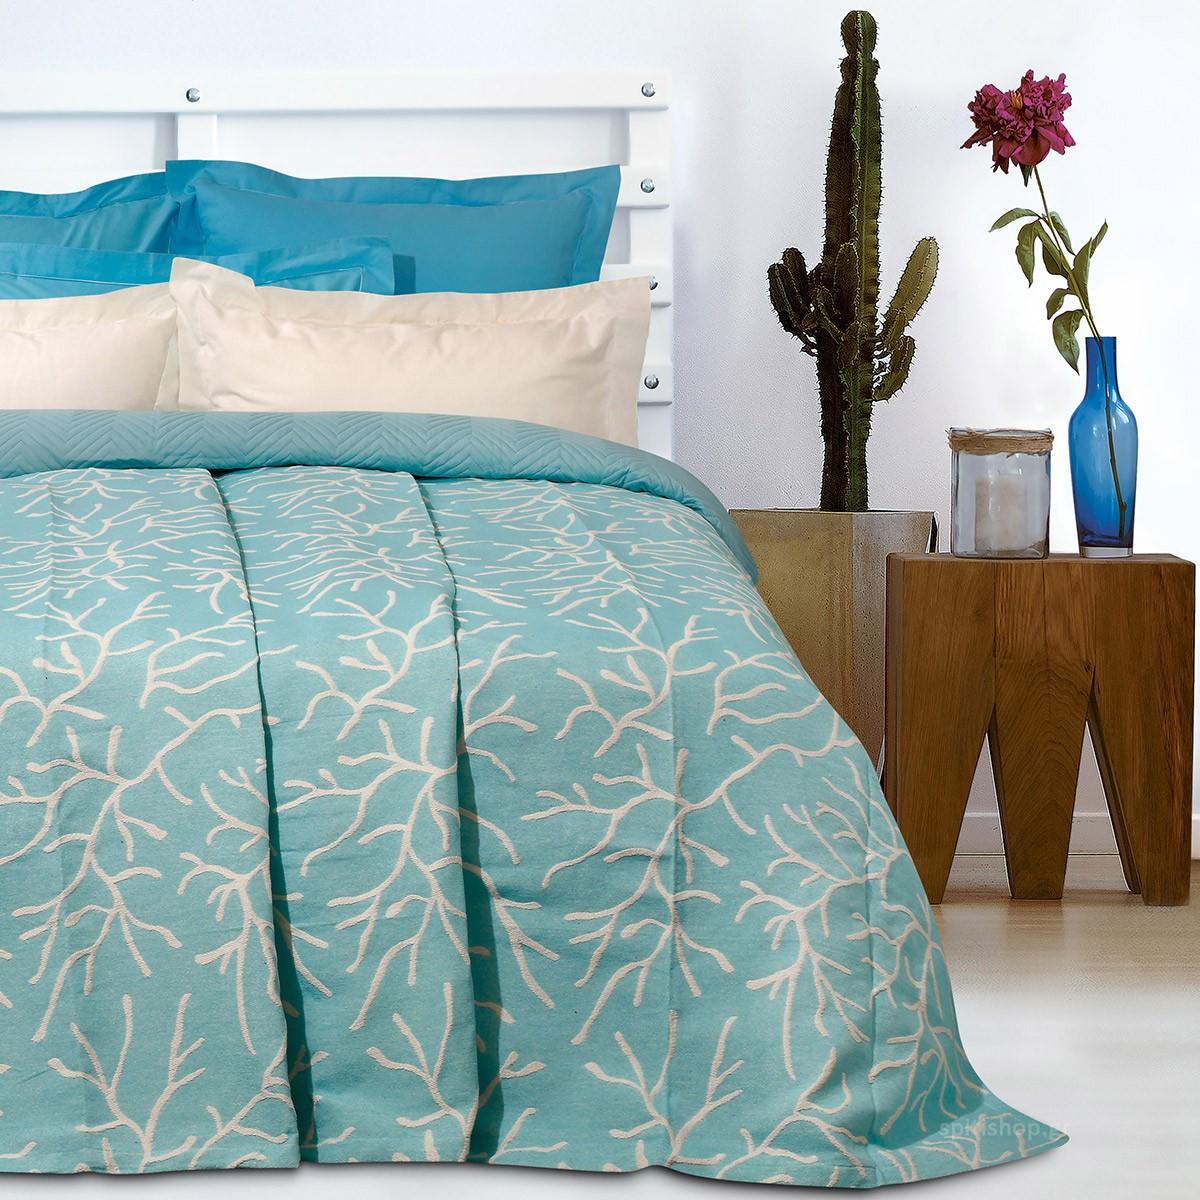 Κουβερτόριο Υπέρδιπλο Das Home Blanket Line 414 89828